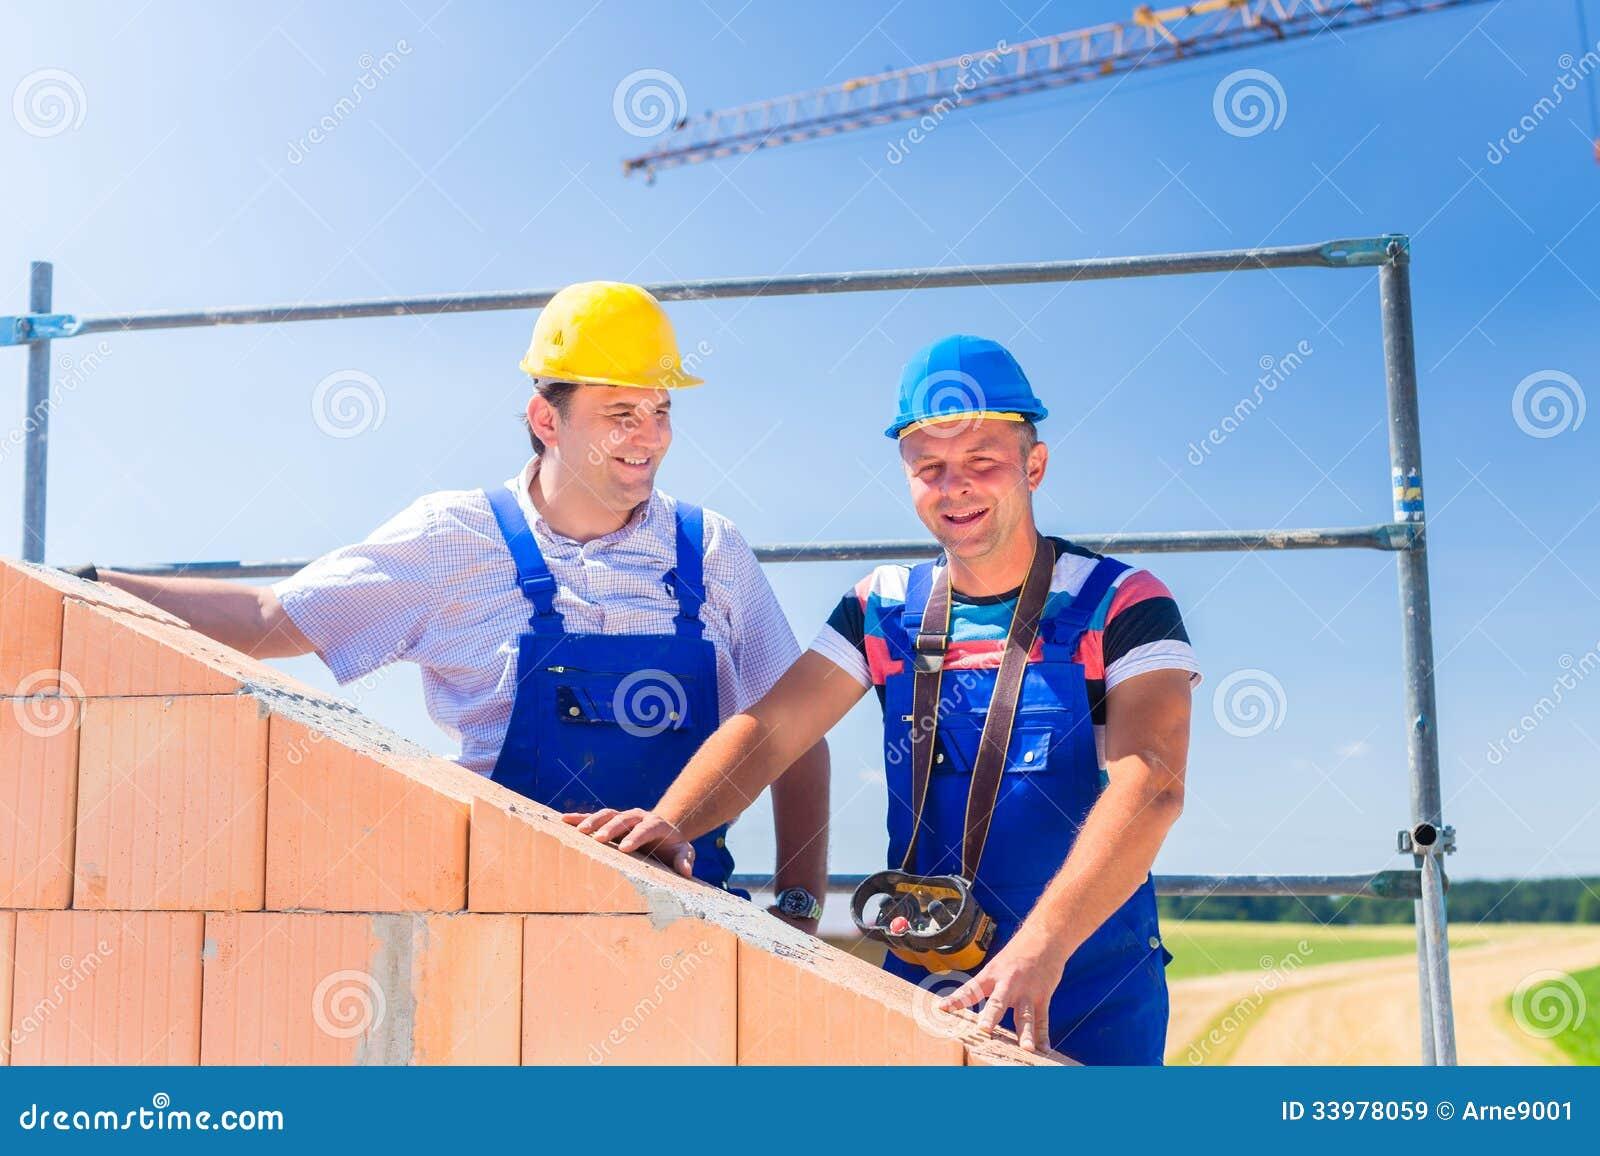 Lavoratori del cantiere che costruiscono casa con la gru for Casa del cantiere